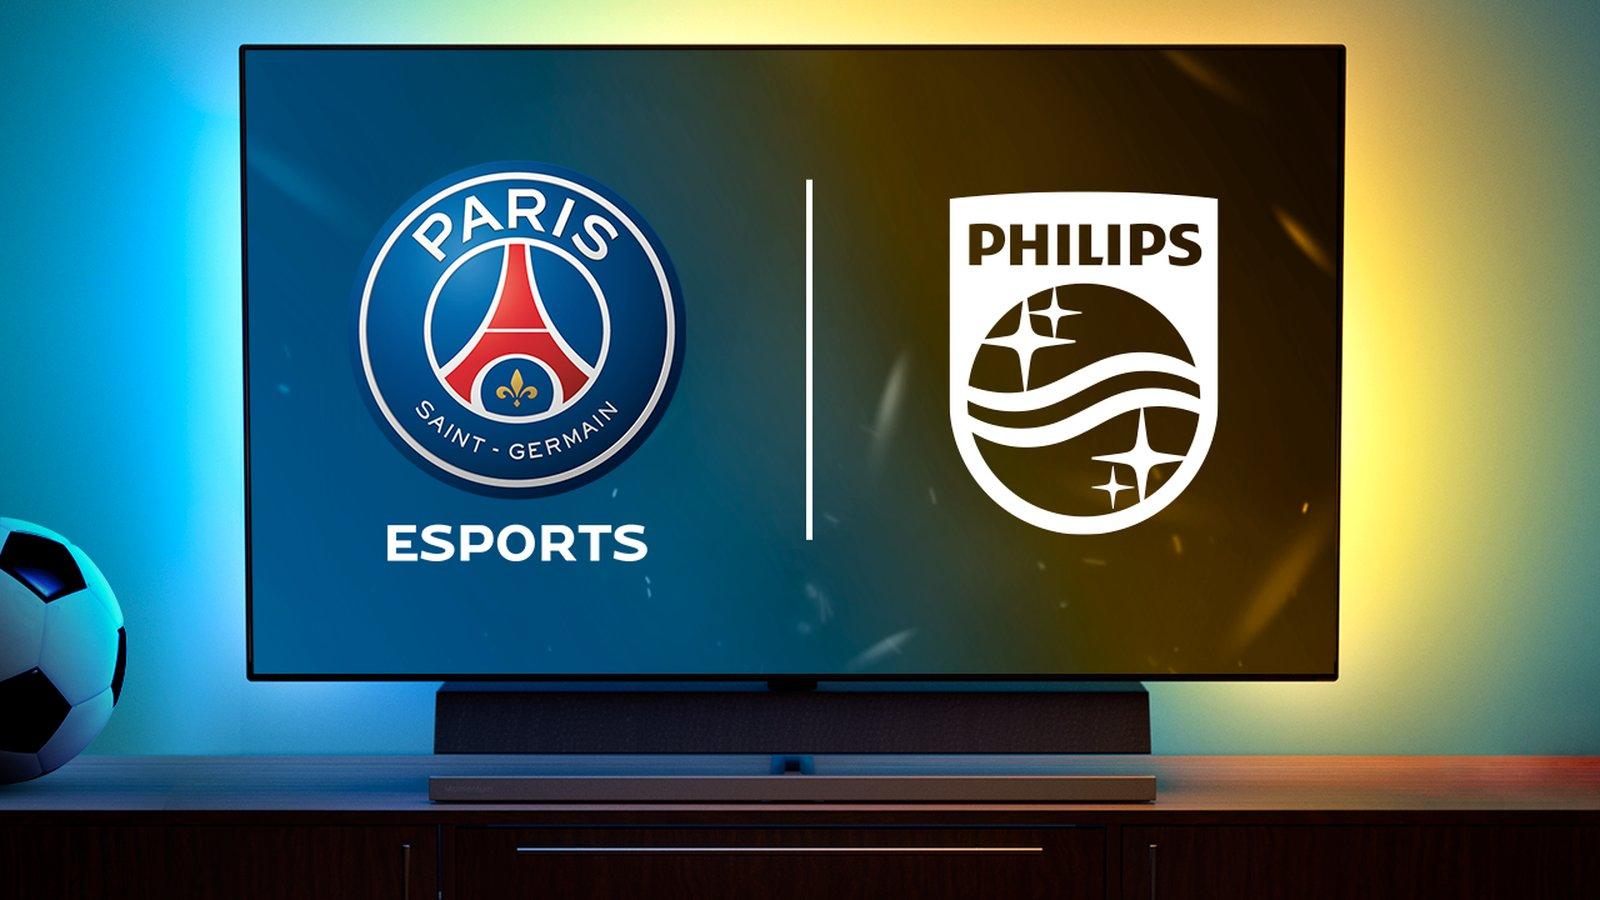 Paris Saint-Germain Esports приветства Philips Monitors като официален партньор 26